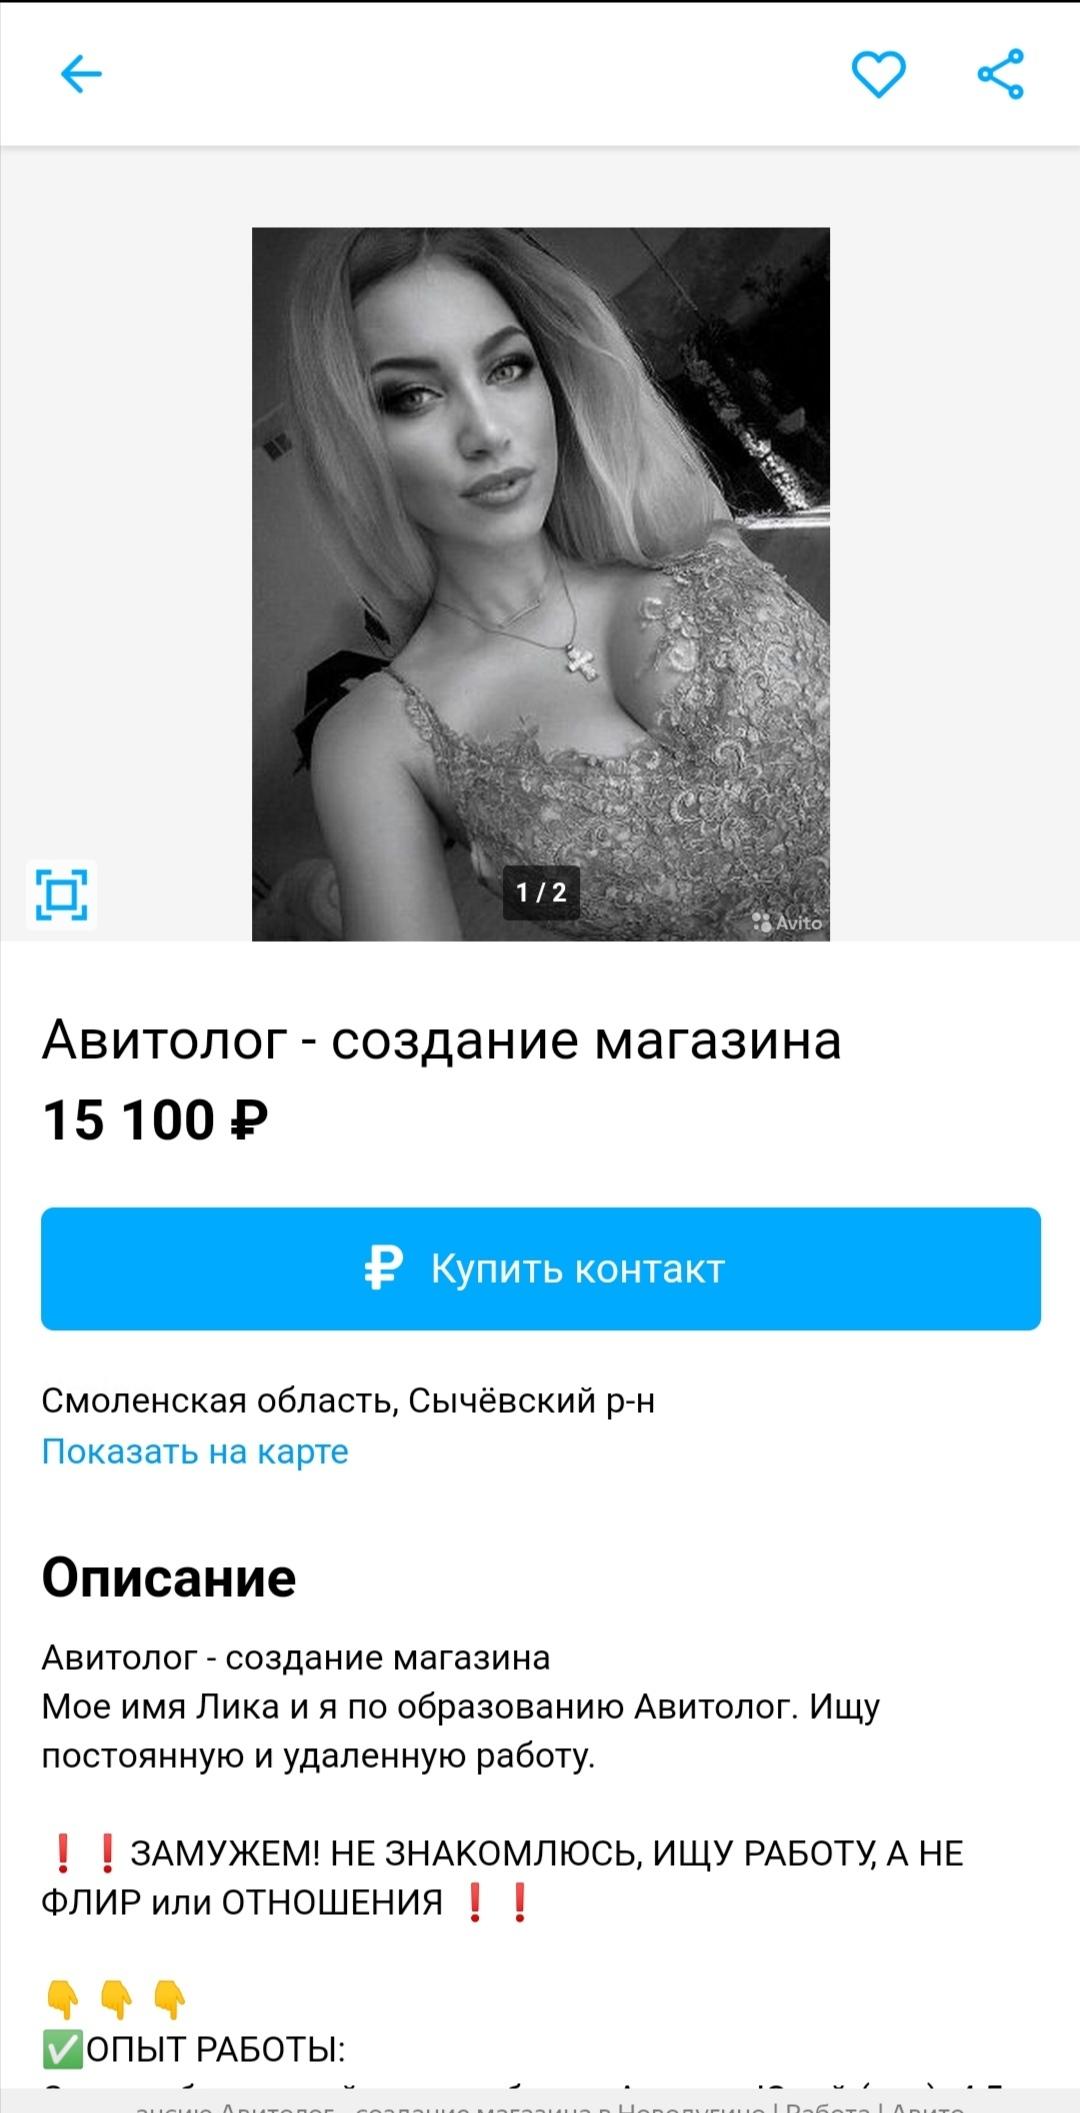 Ищу красивых девушек для работы работа в москве моделью плюс сайз